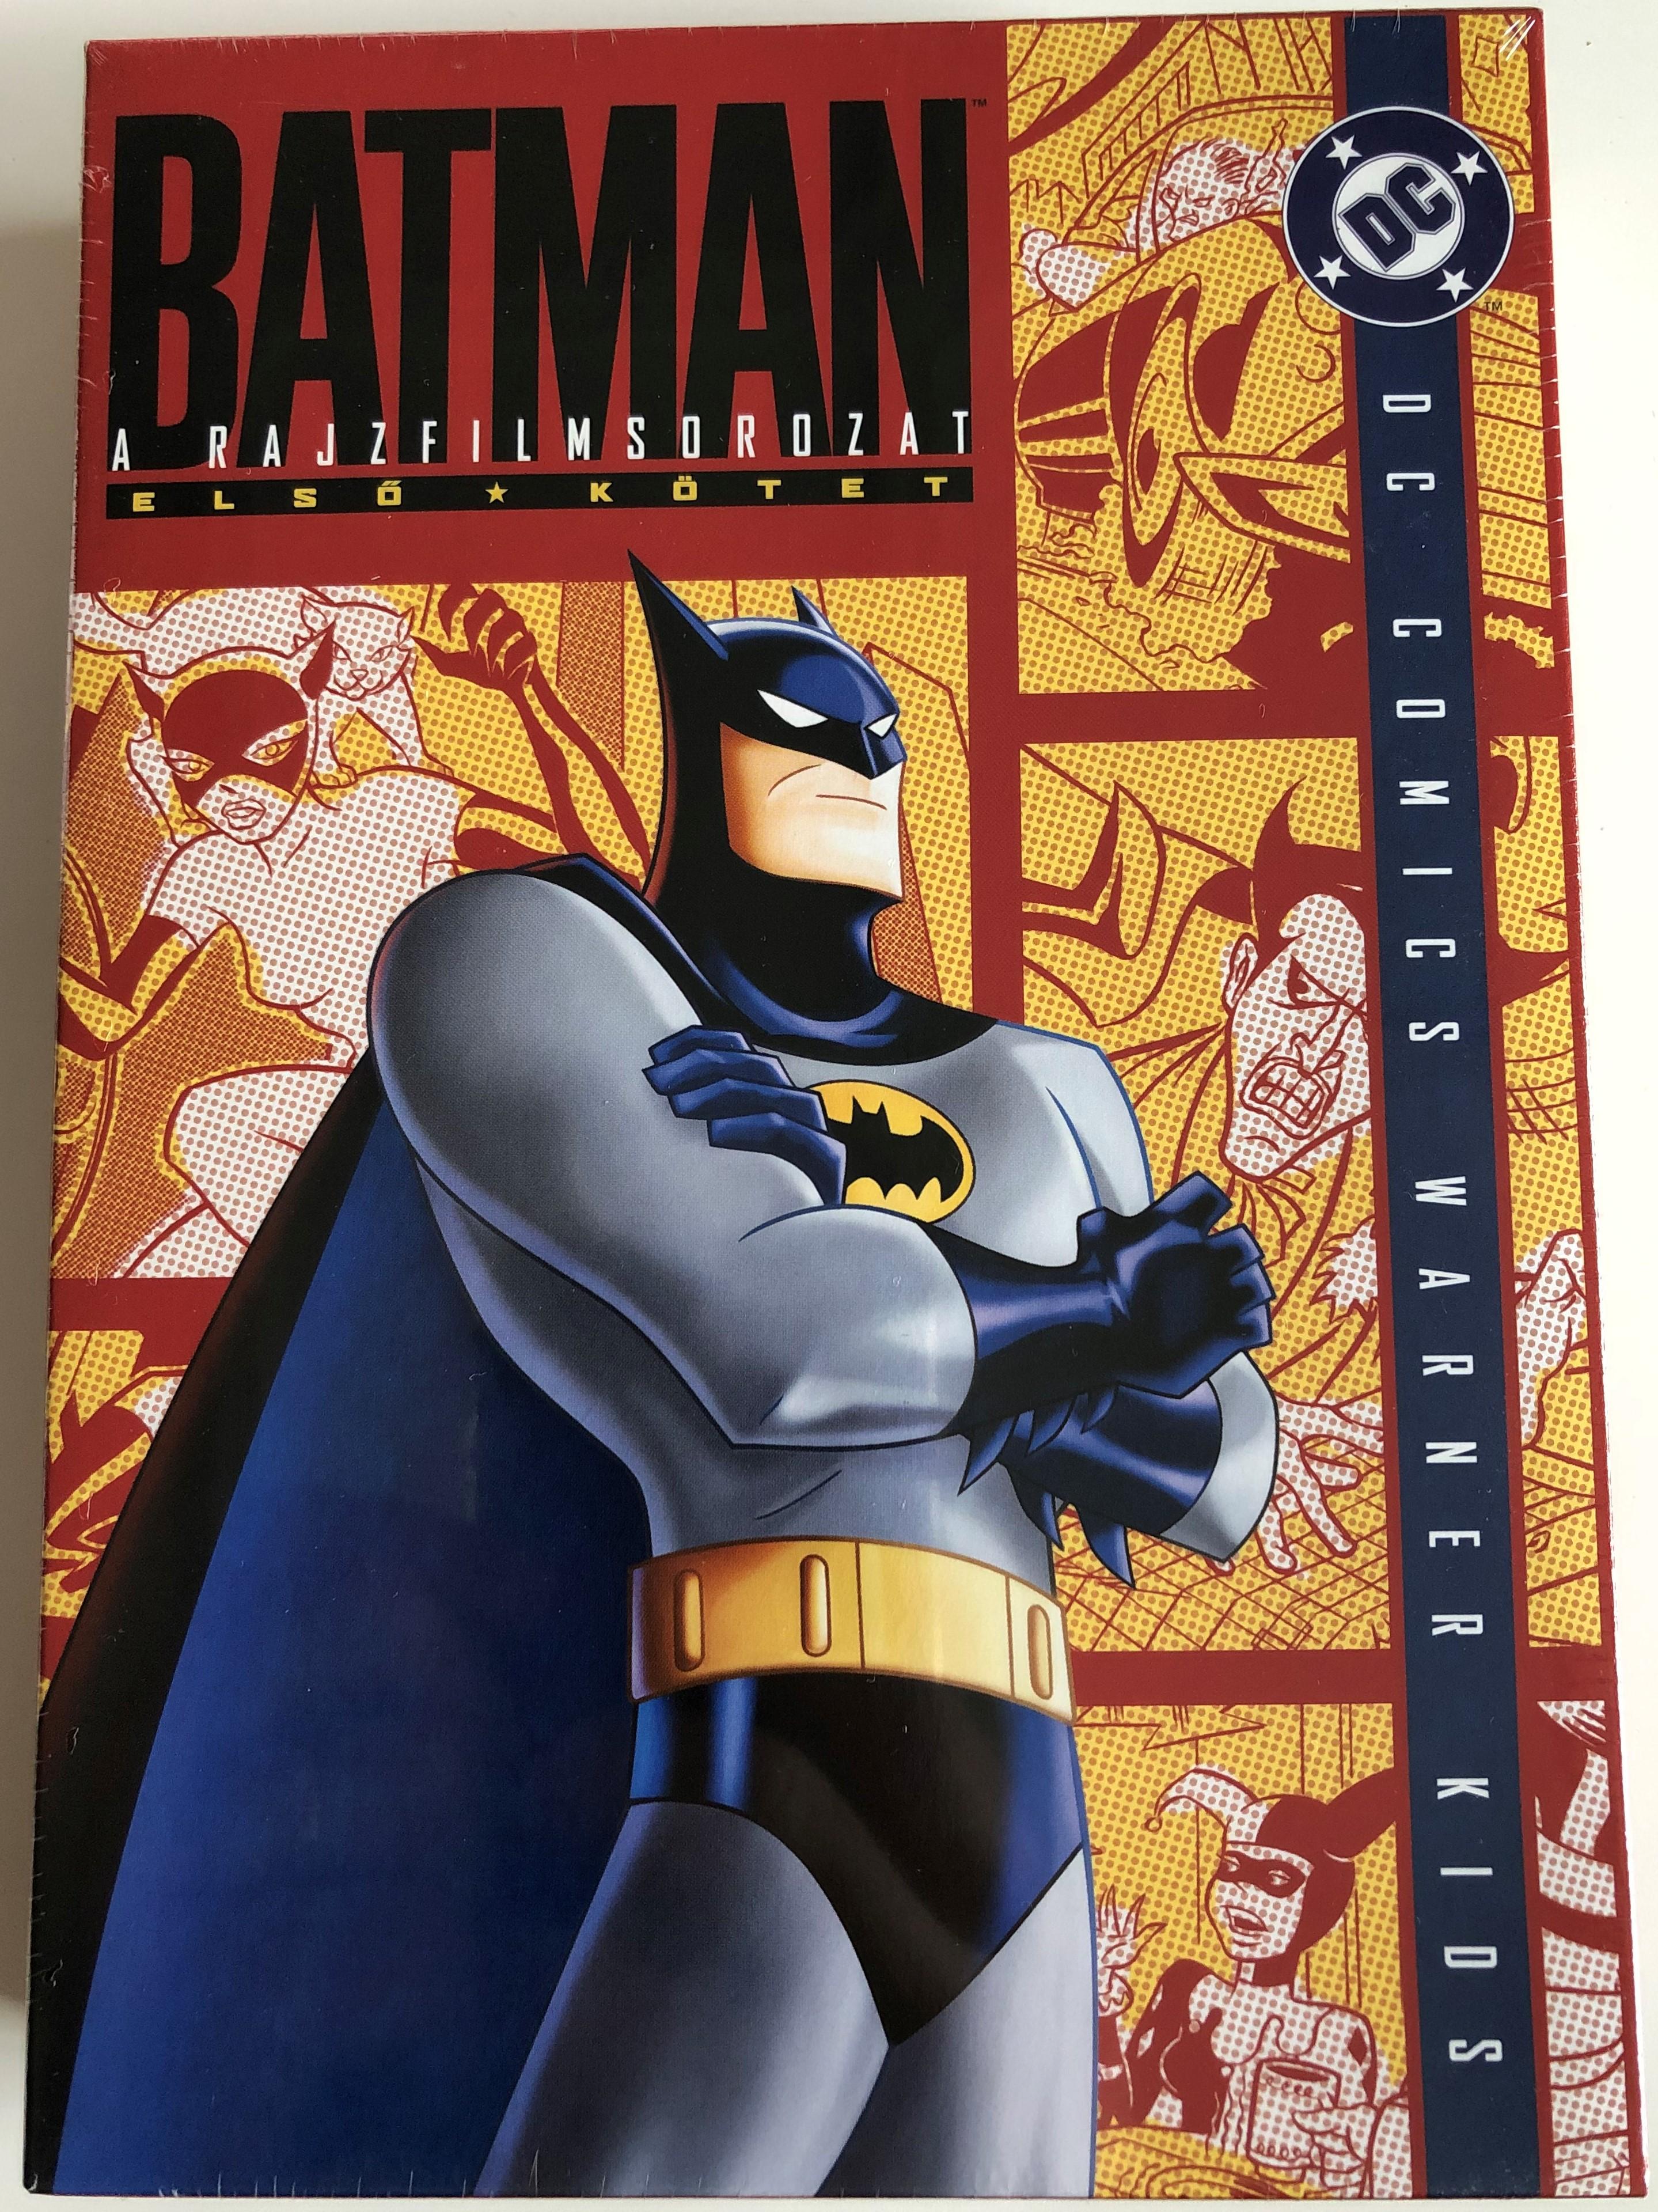 batman-animated-series-vol-1.-season-1-dvd-set-2006-batman-a-rajzfilmsorozat-1.-k-tet-4-lemez-1.jpg